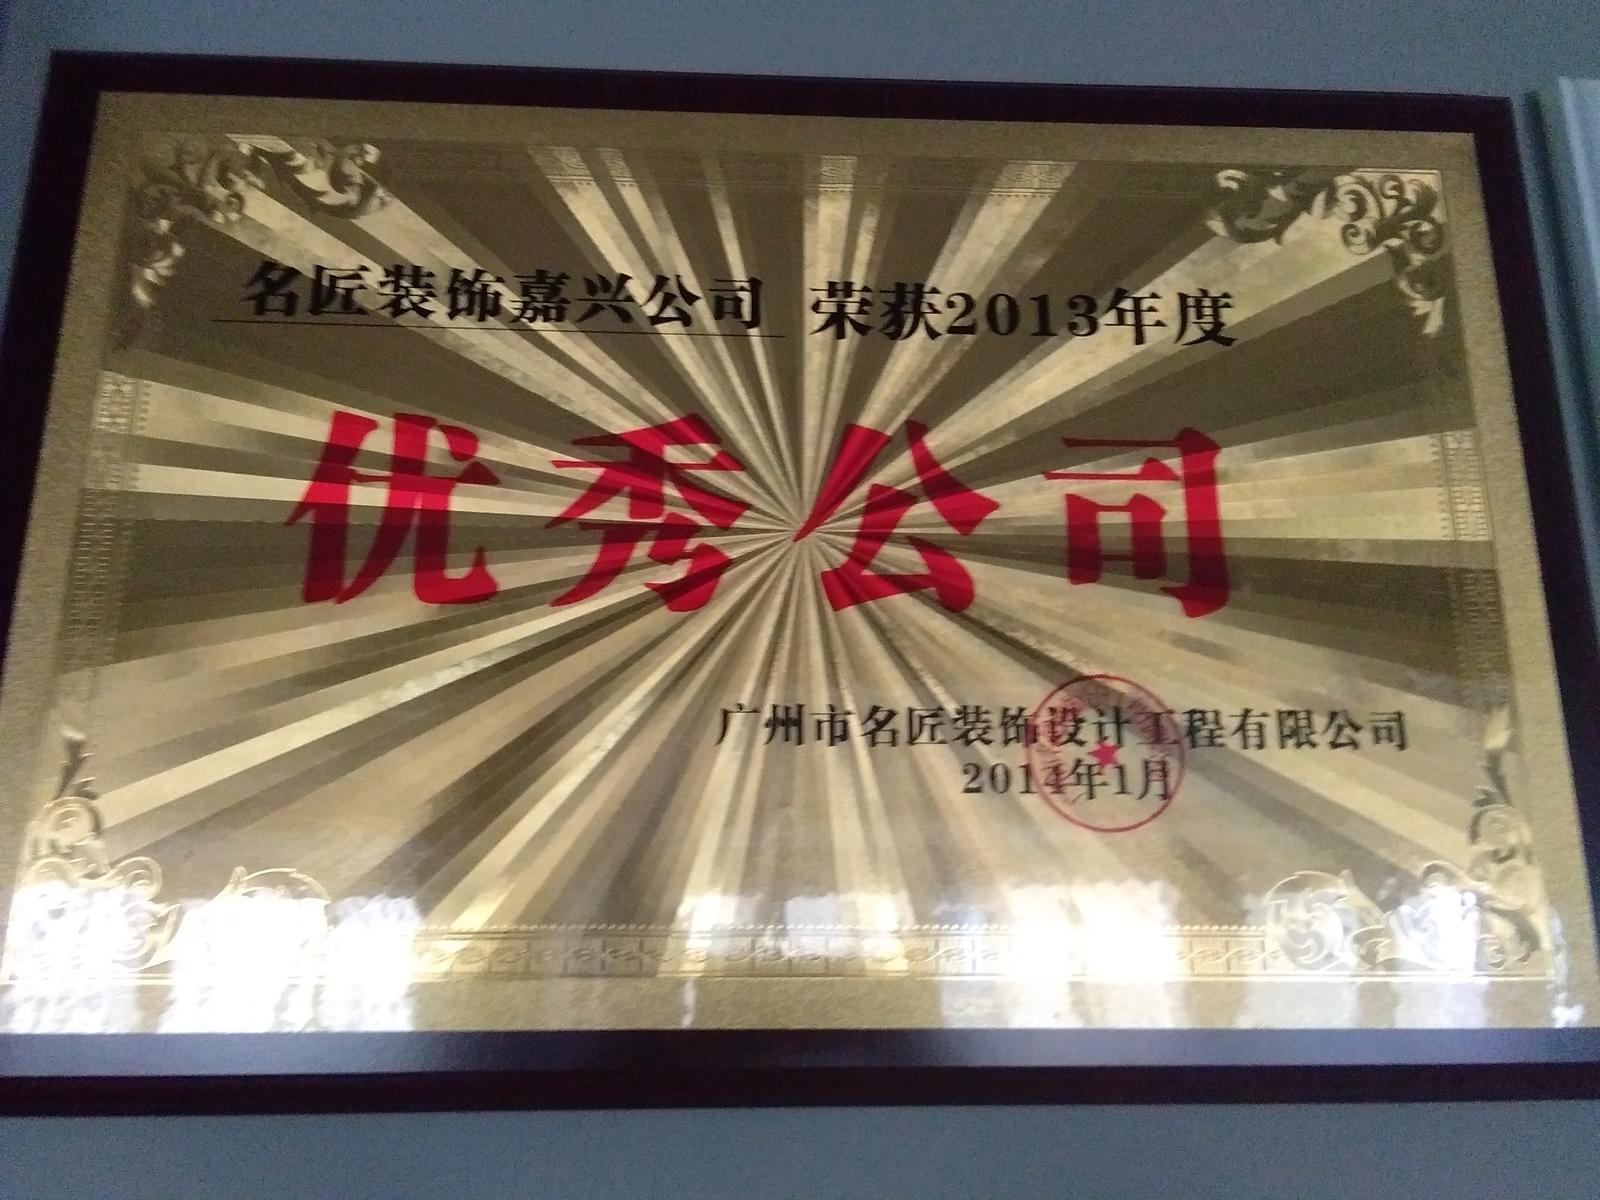 荣获2013年度优秀公司